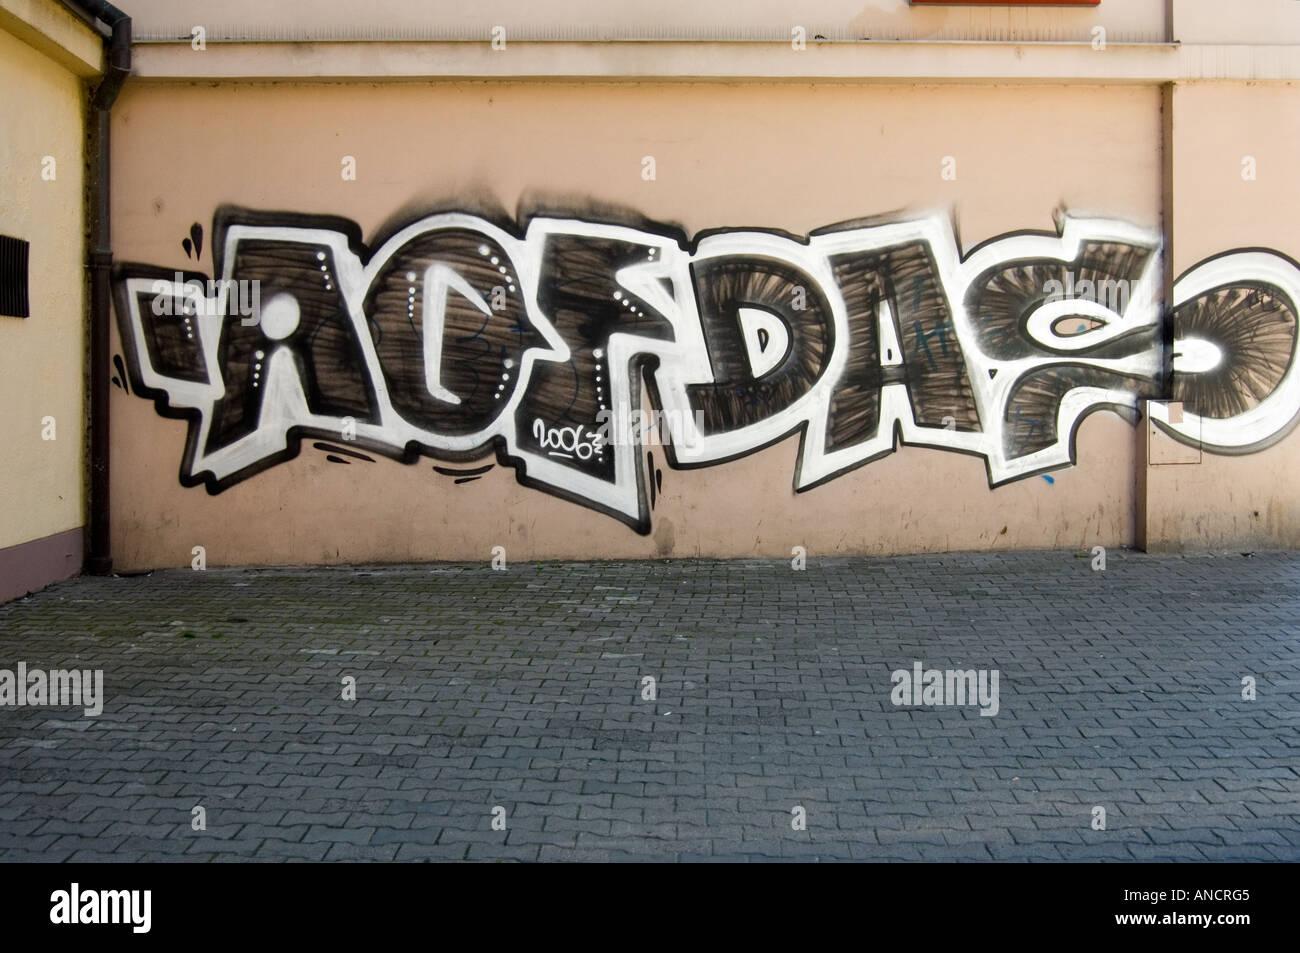 graffitti on Prague wall - Stock Image